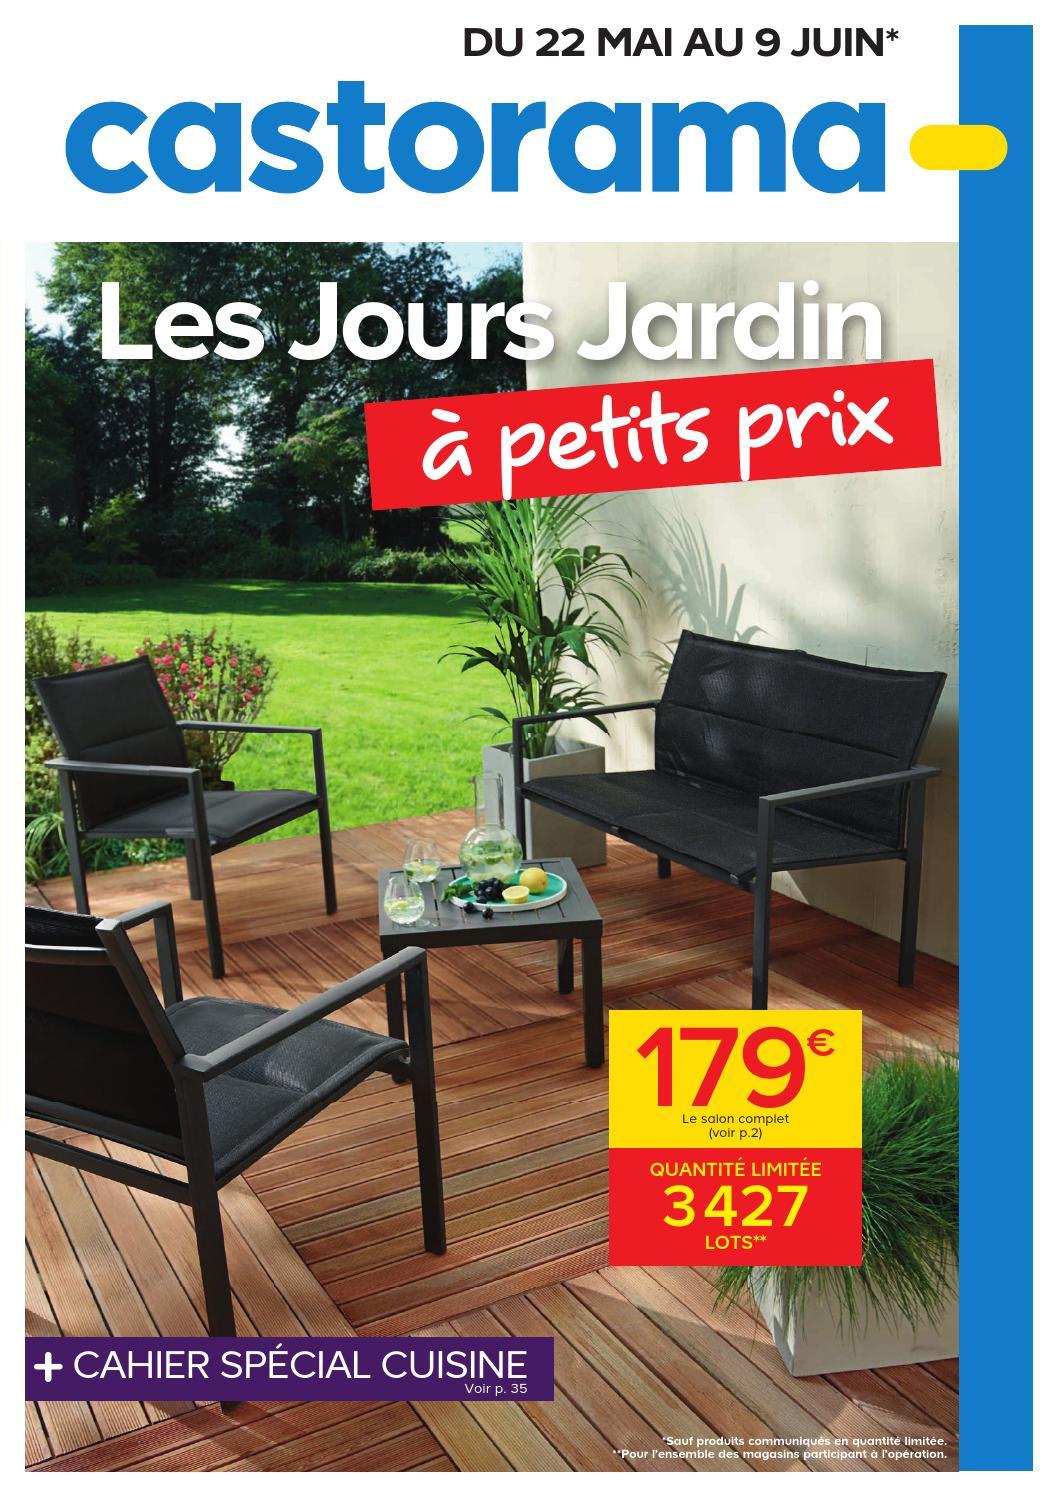 Castorama Catalogue 22Mai 9Juin2015 By Promocatalogues ... pour Toiture Abri De Jardin Castorama